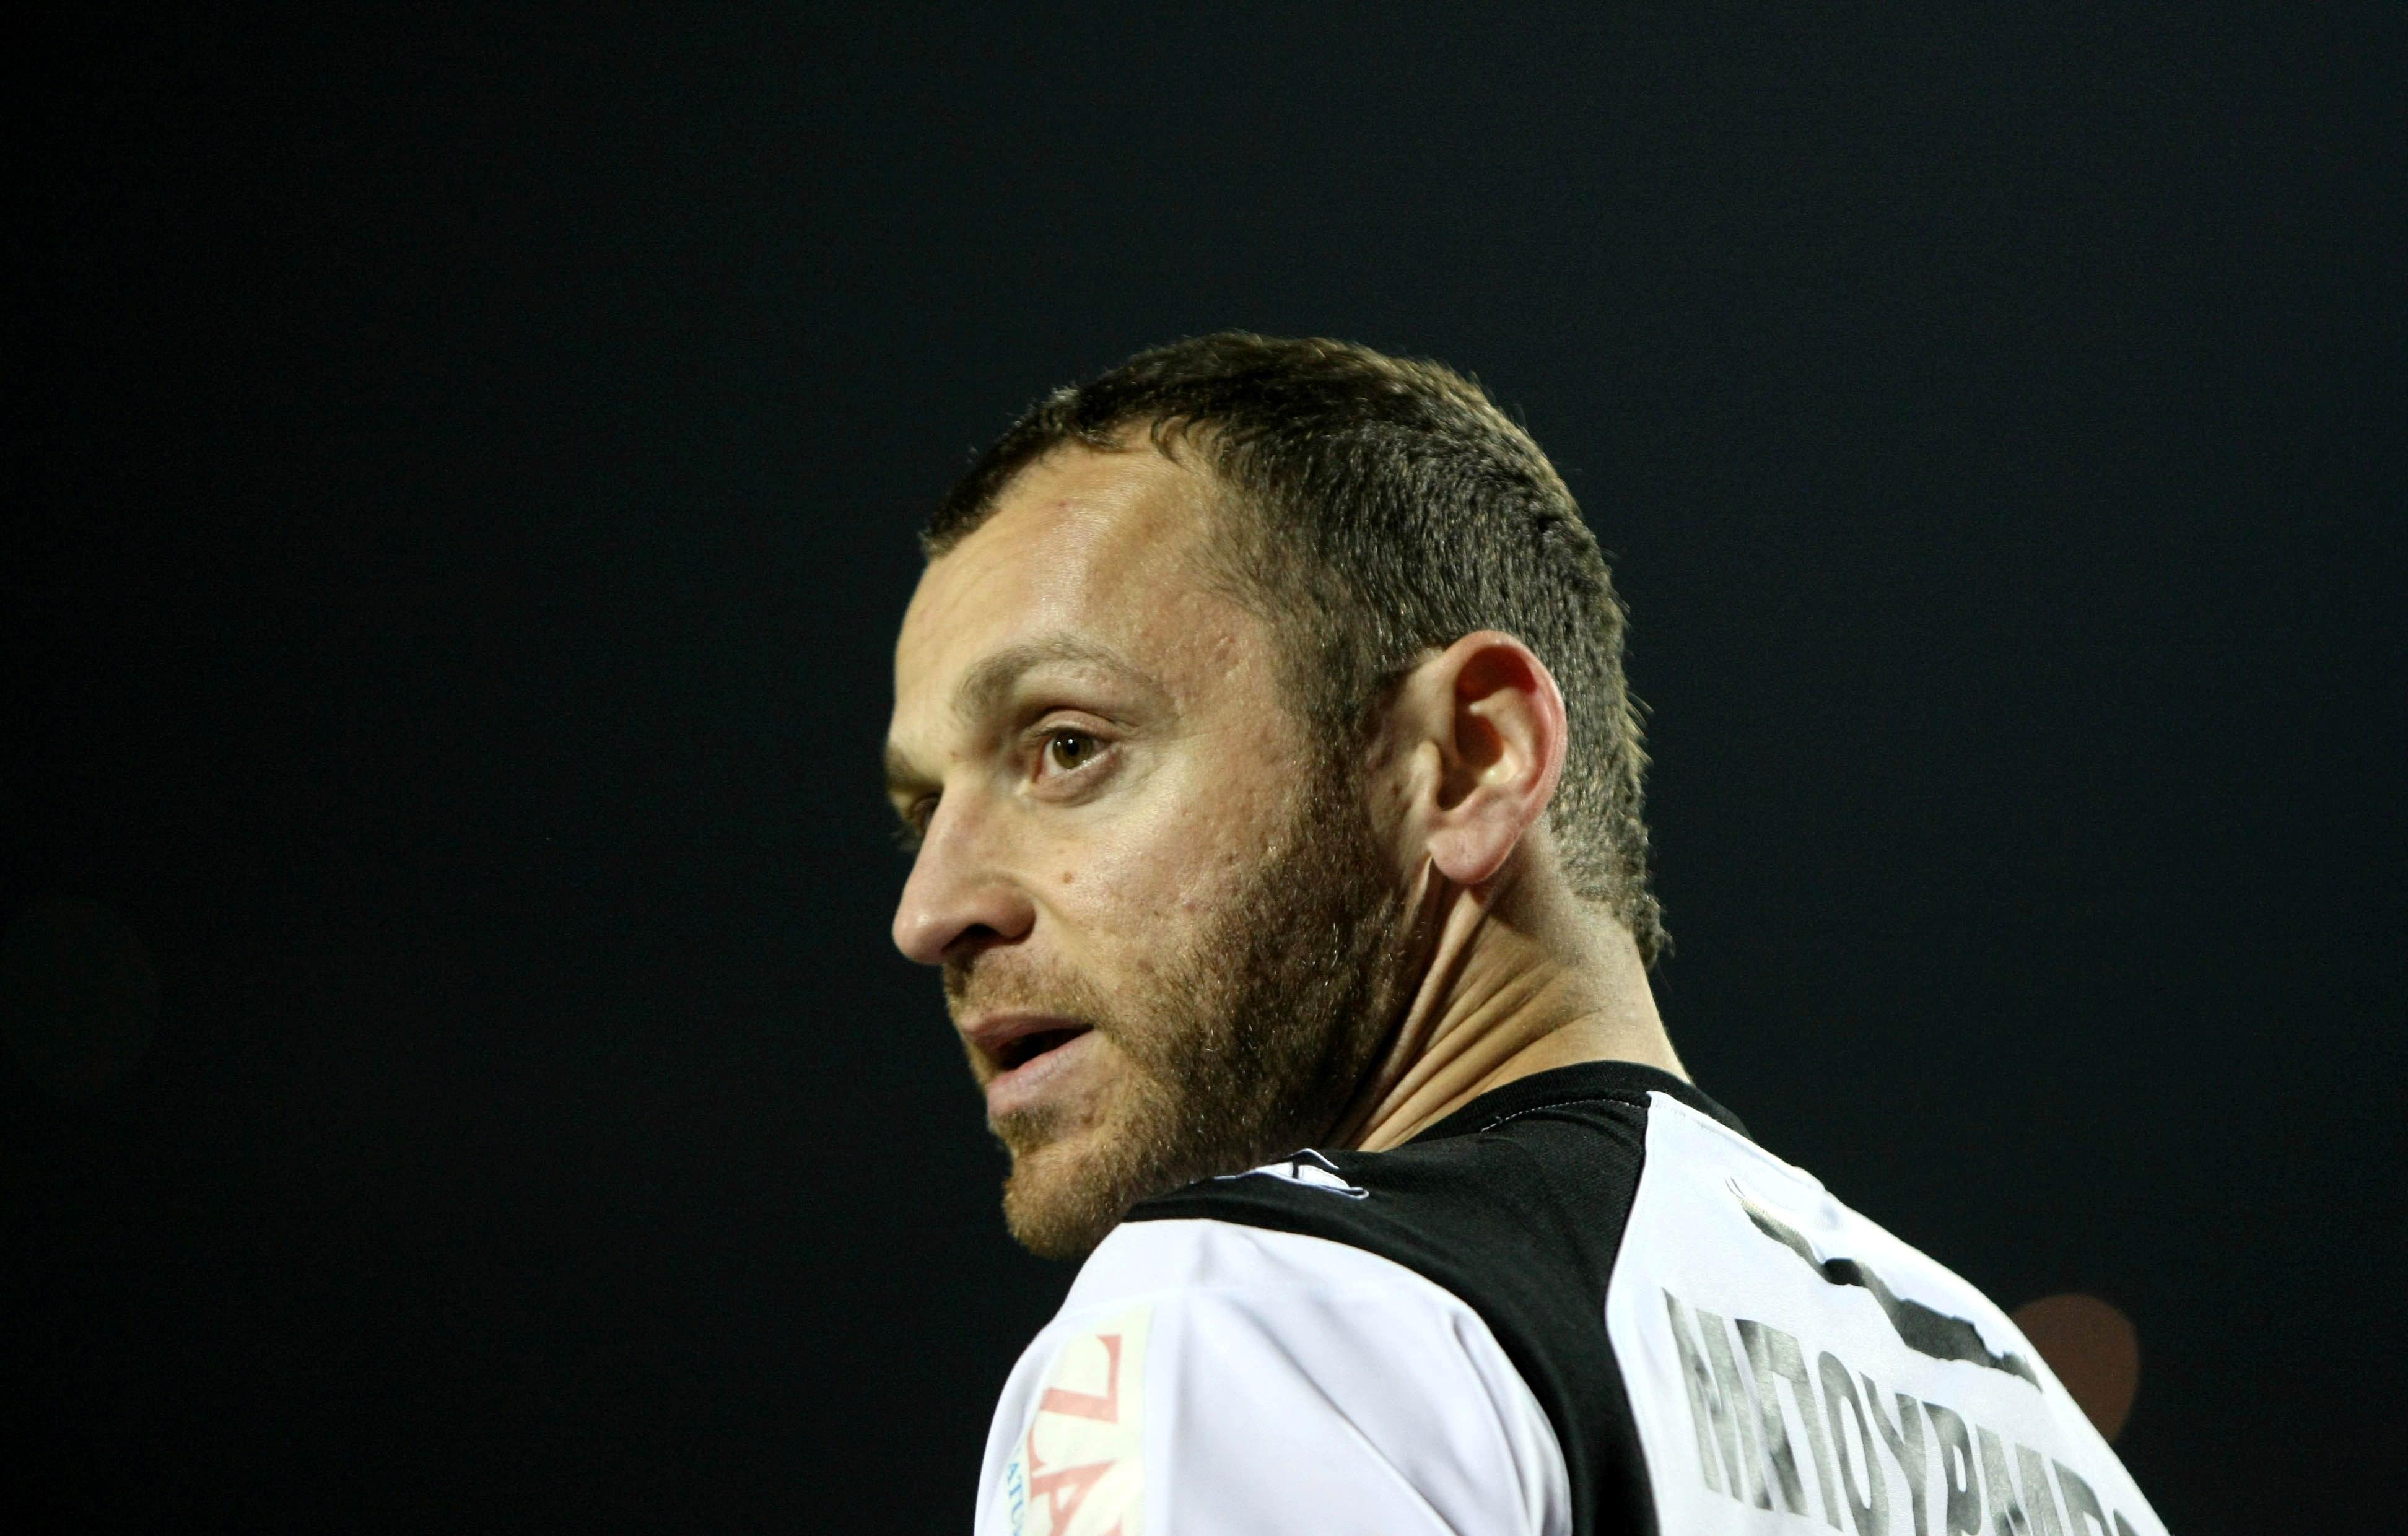 Μπούρμπος: «Το σημαντικό είναι να κερδίζει η ομάδα»